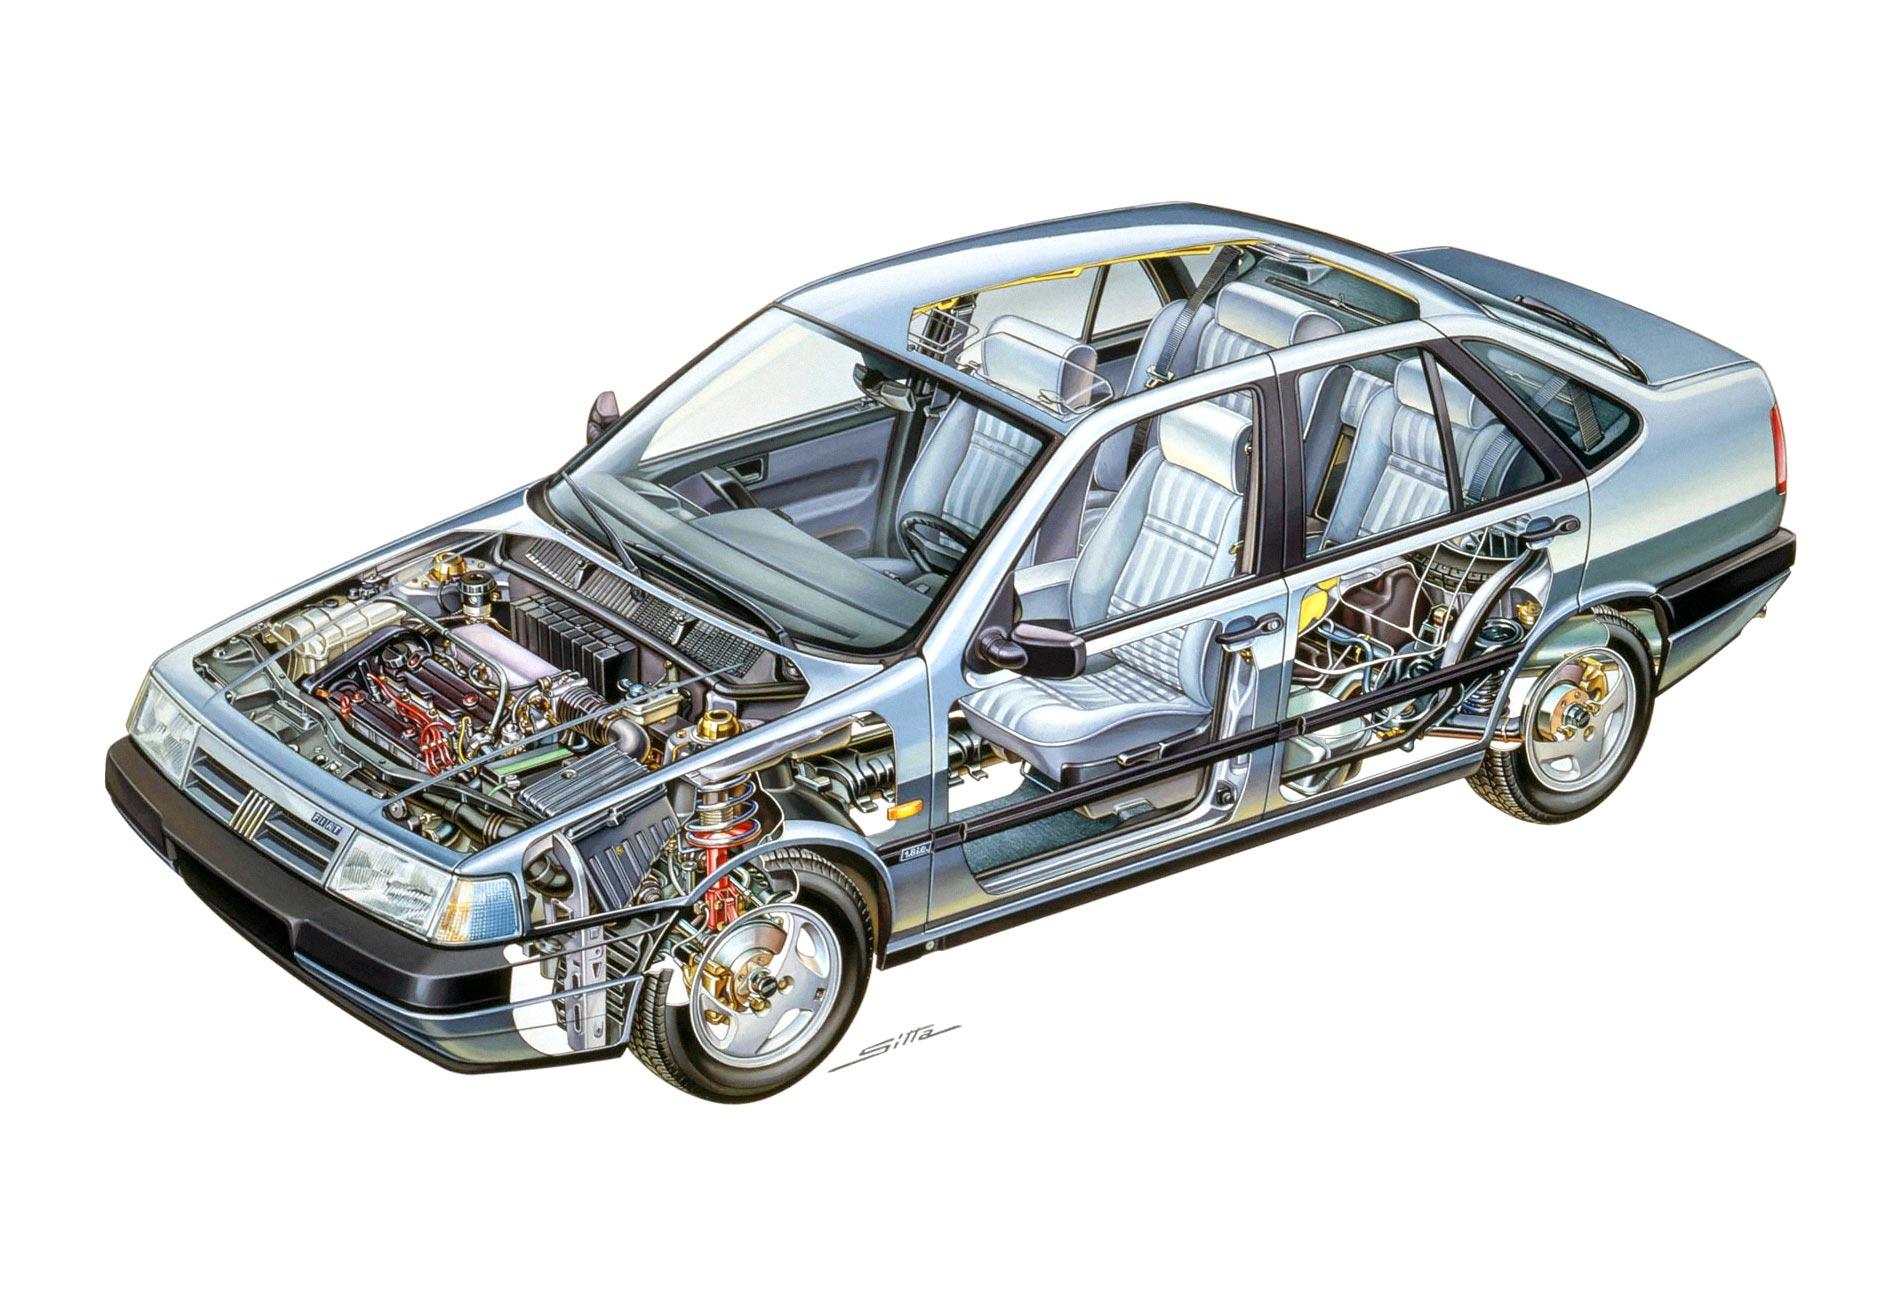 Fiat Tempra cutaway drawing